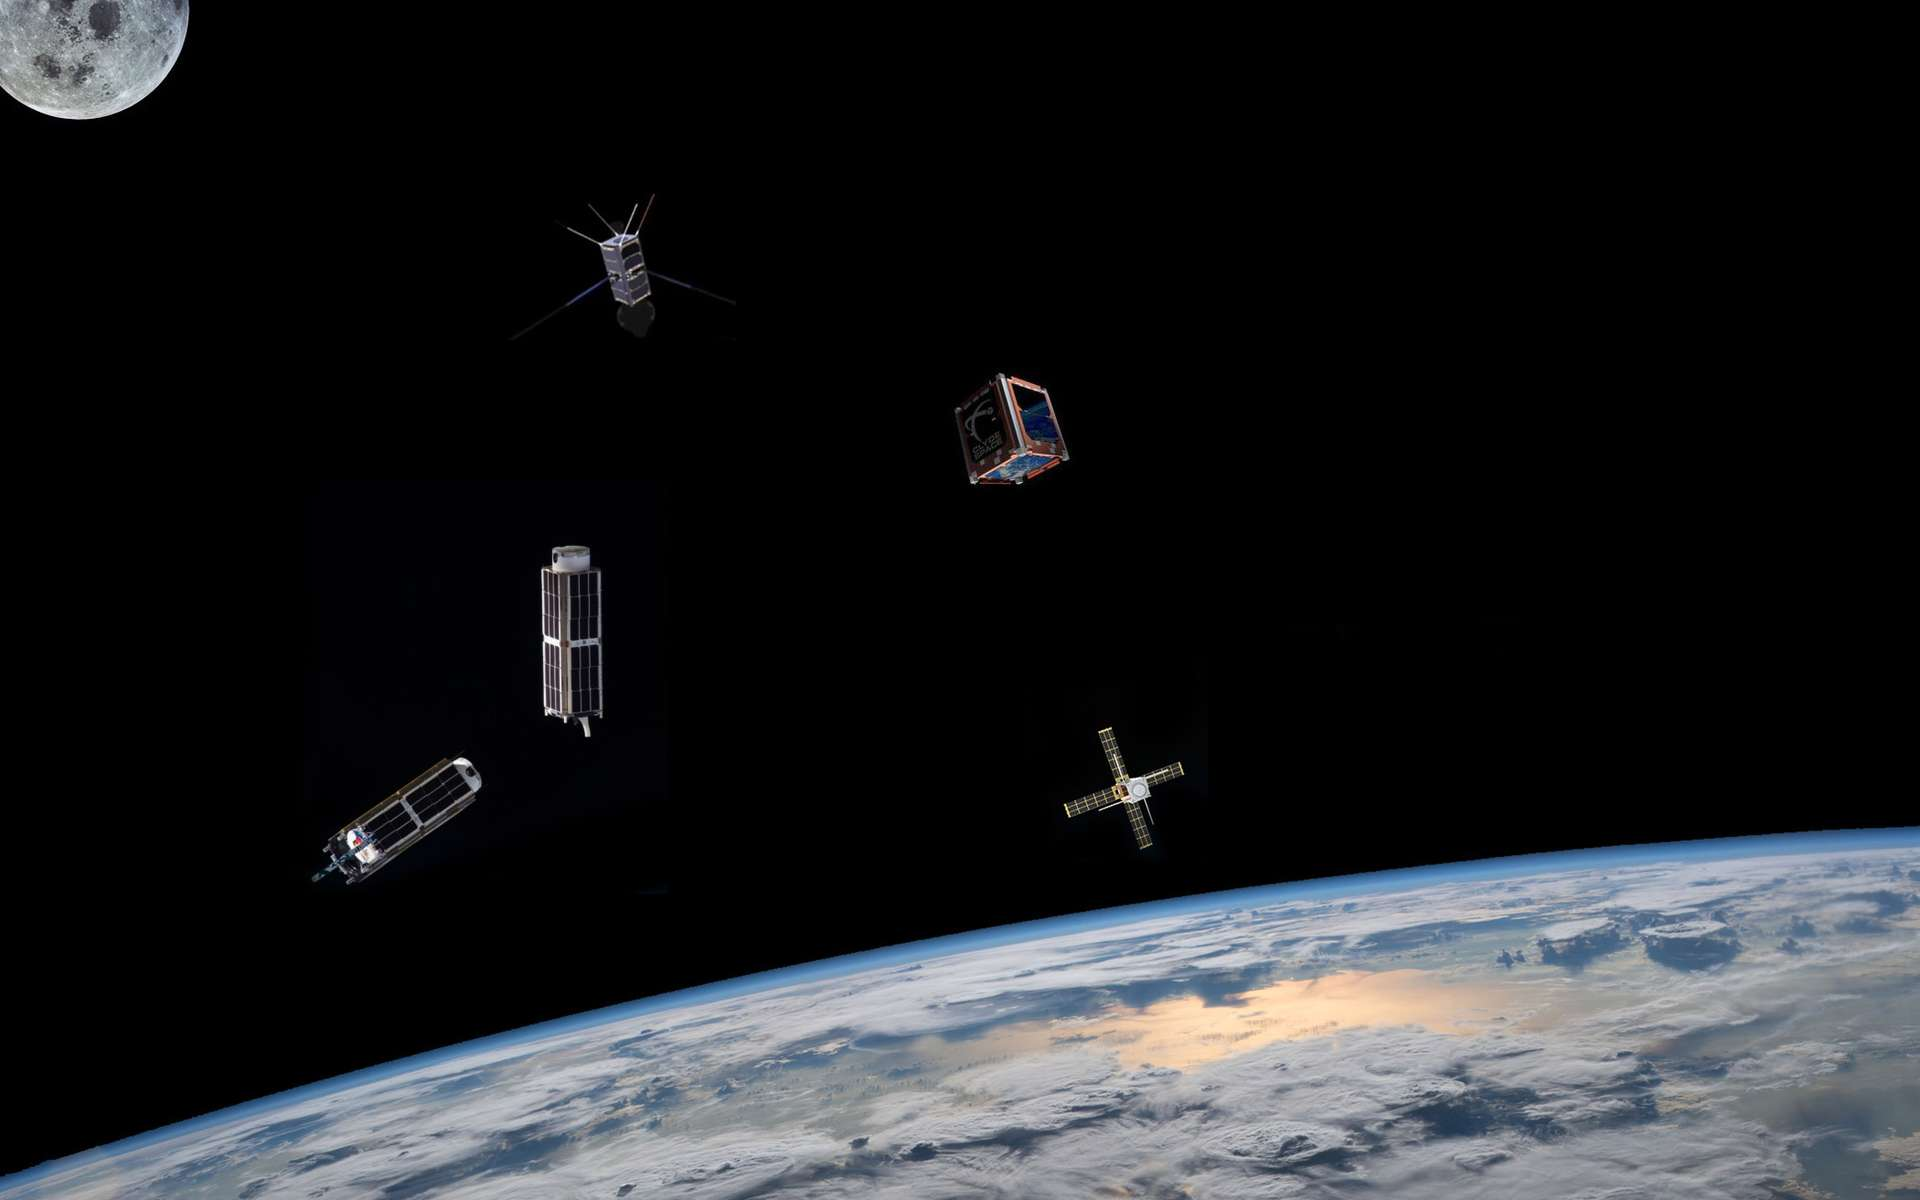 Deux Cubesats accompagnent Insight dans sa mission martienne. L'un d'eux a pris une photo de la Terre et de la Lune. Une première pour de si petits engins. © Nasa, Droits réservés et montage R. Decourt